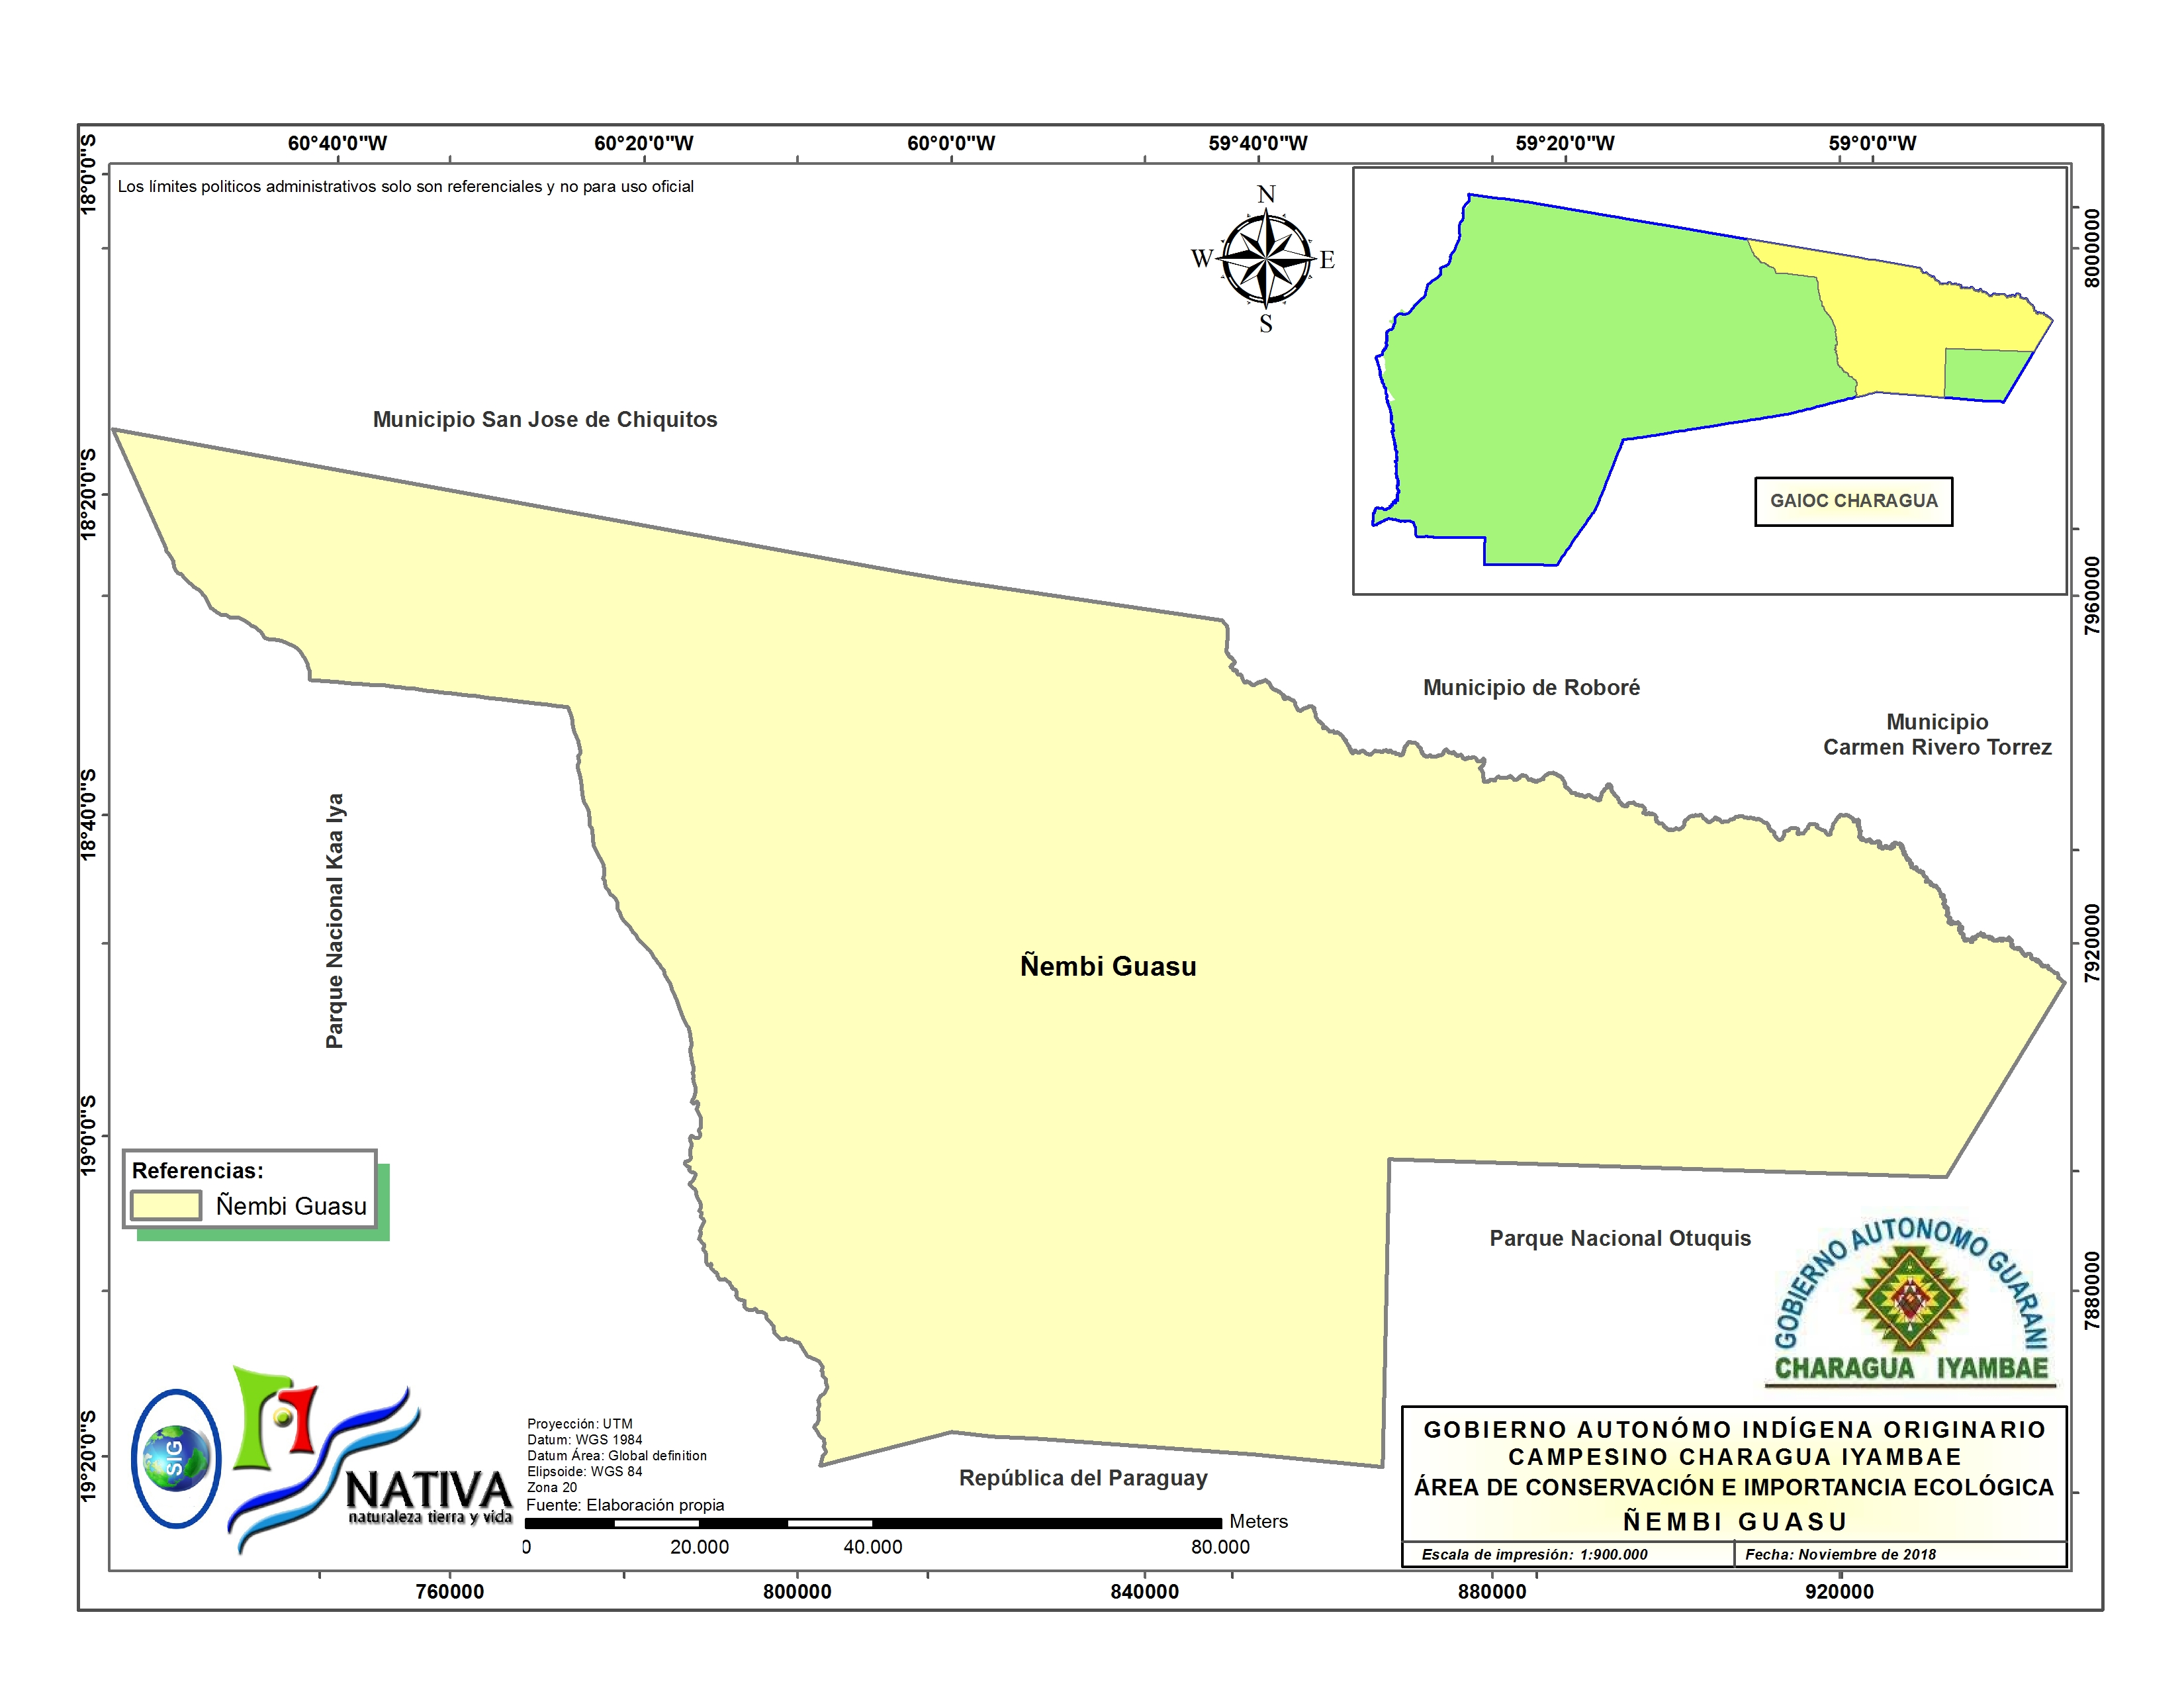 El territorio de Ñembi Guasu se extiende por más de un millón de hectáreas. Fuente: Nativa.